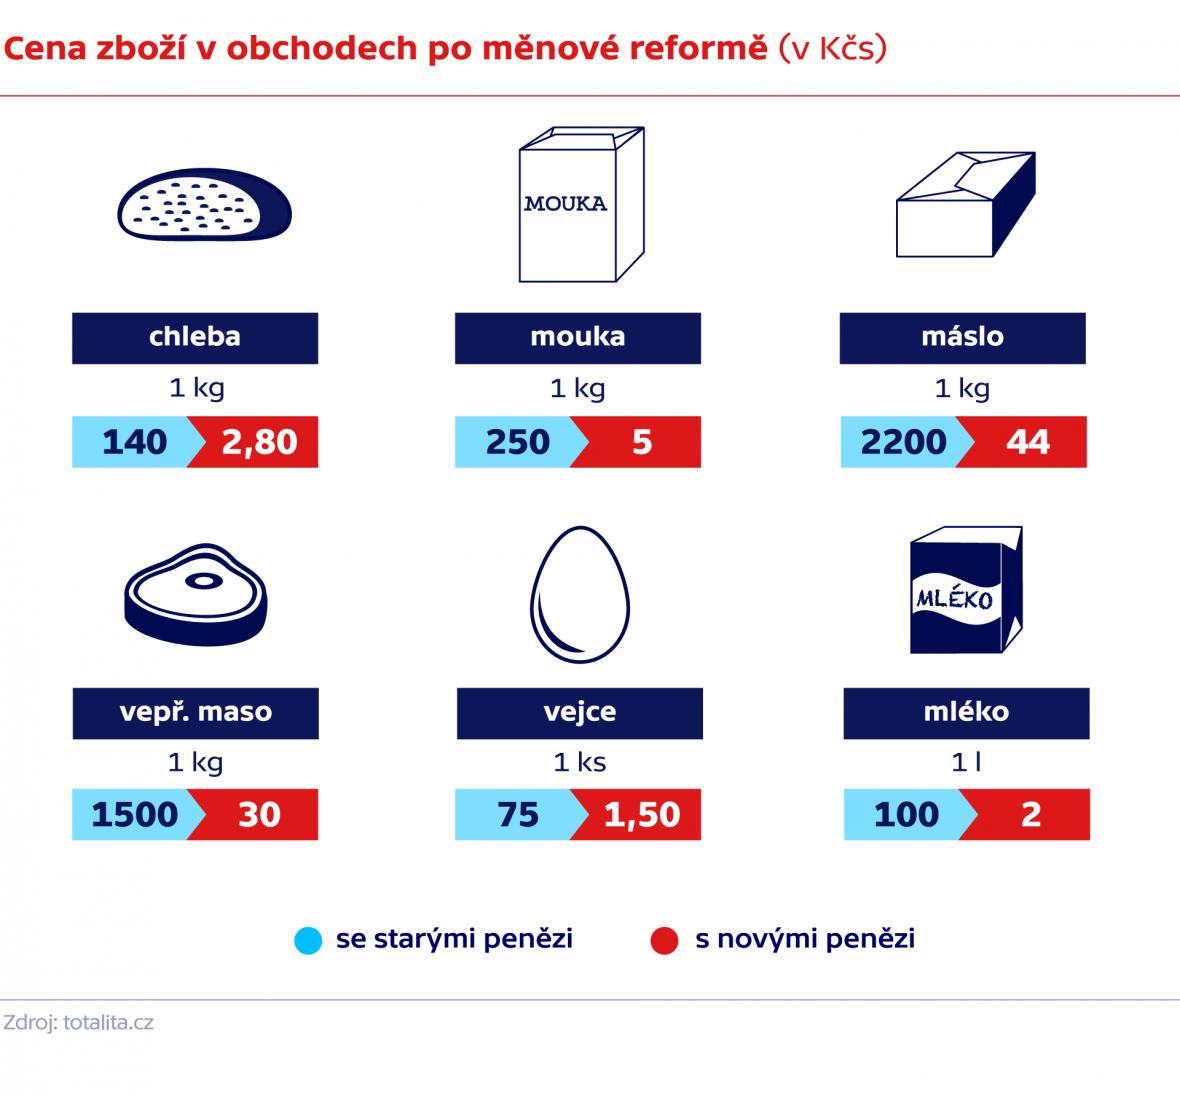 Cena zboží v obchodech po měnové reformě (v Kčs)